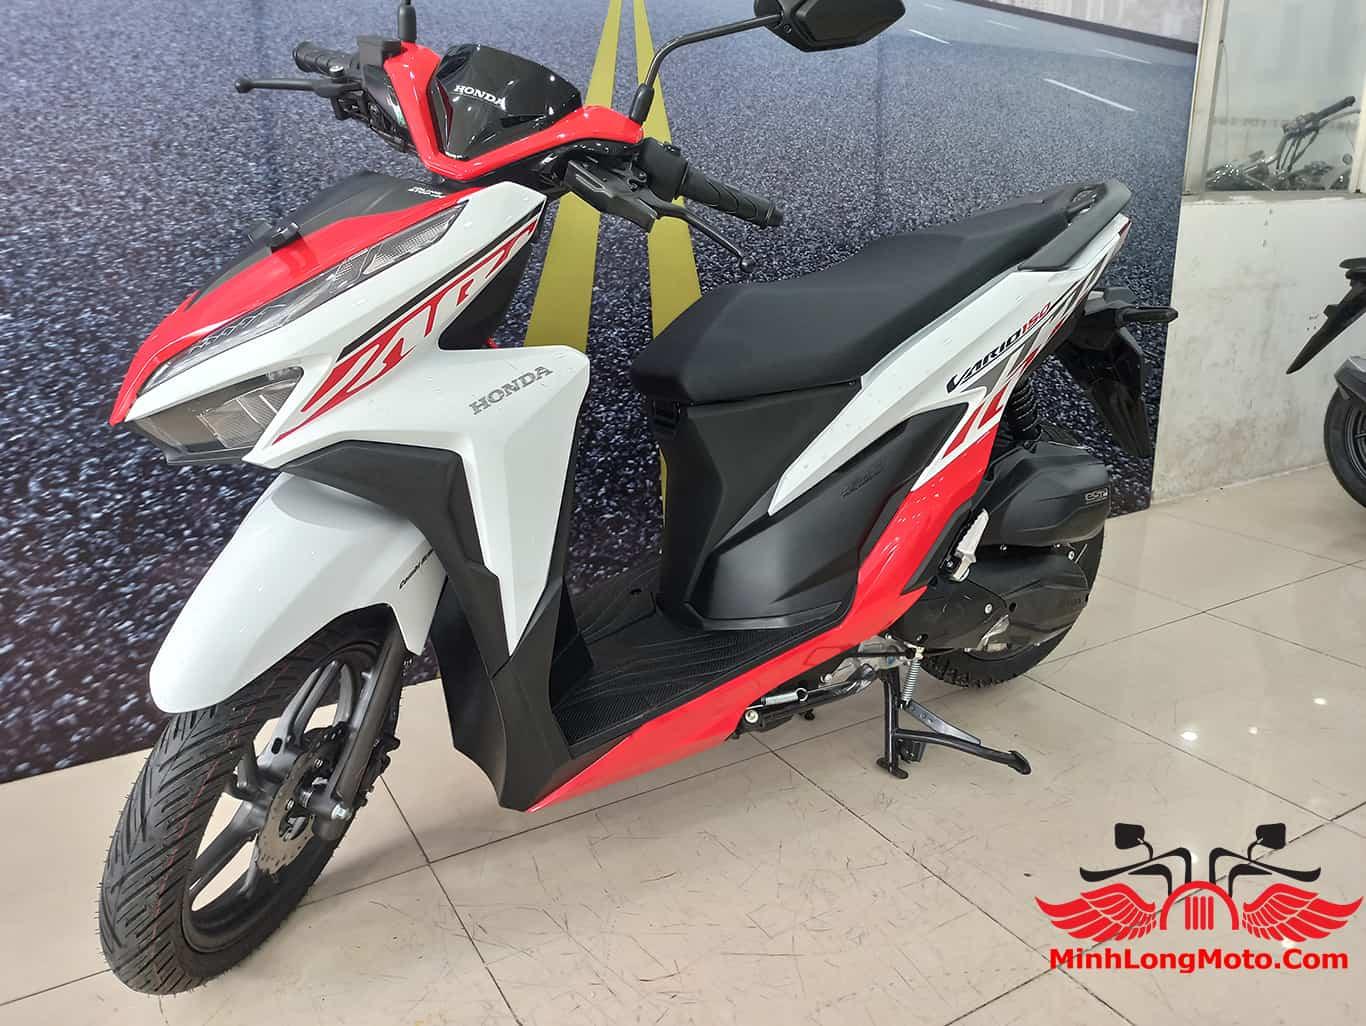 Giá xe Vario 150cc 2021 trắng đỏ